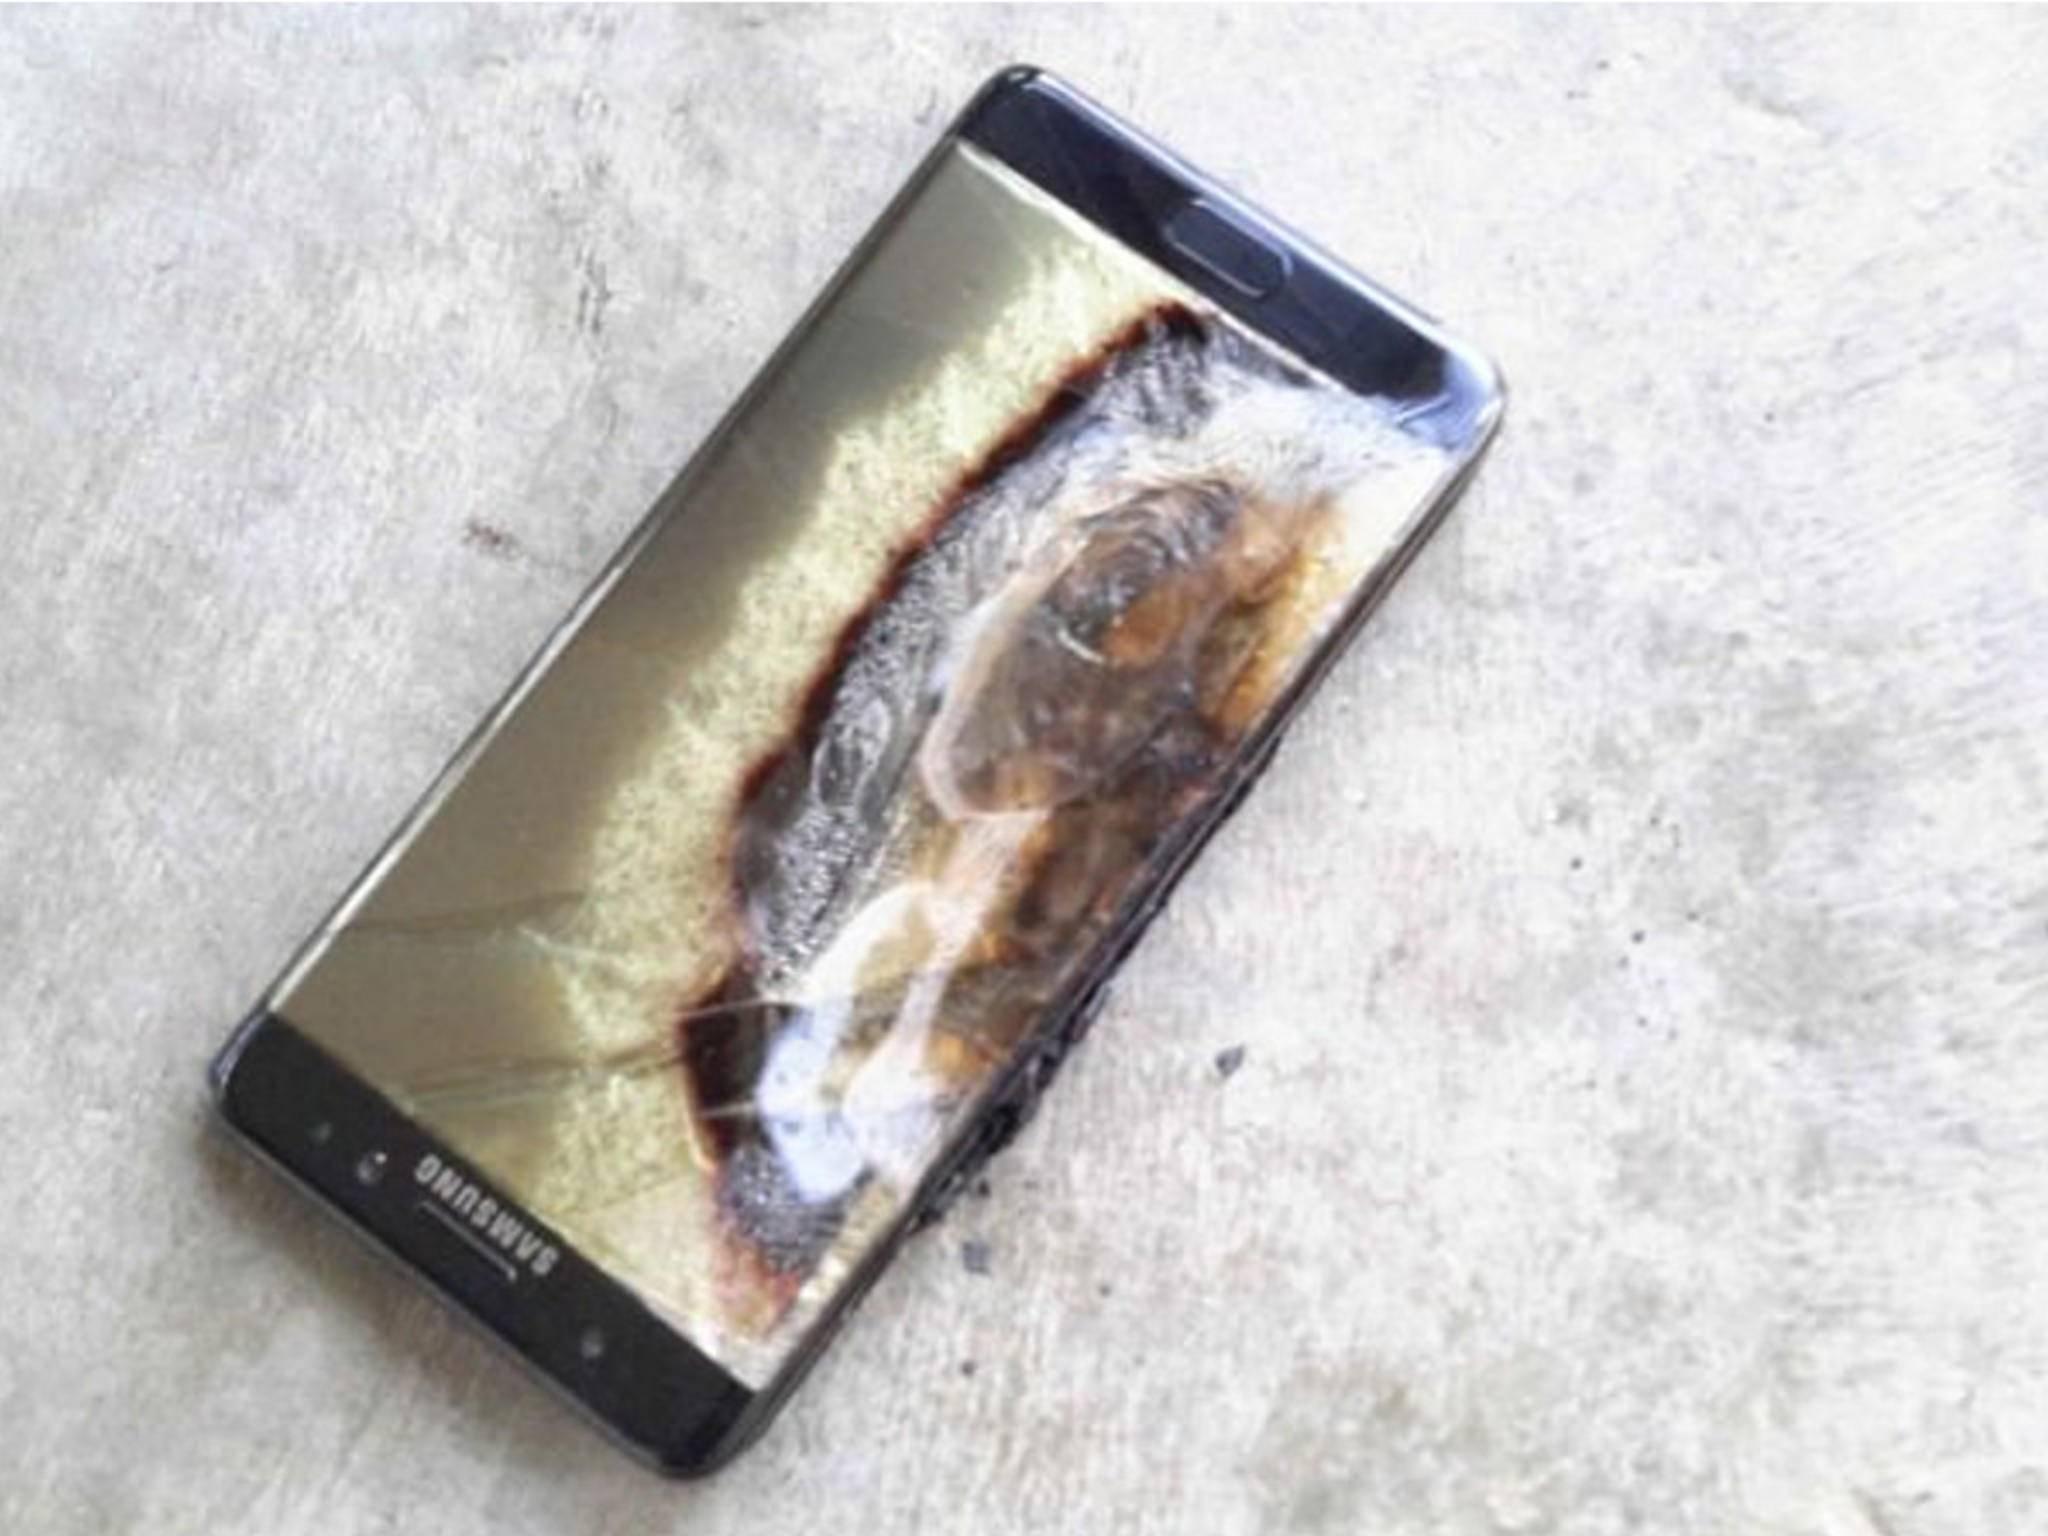 Gefällt Dir dieser Anblick? Dann wäre die passende iPhone 7-Hülle sicher etwas für Dich.